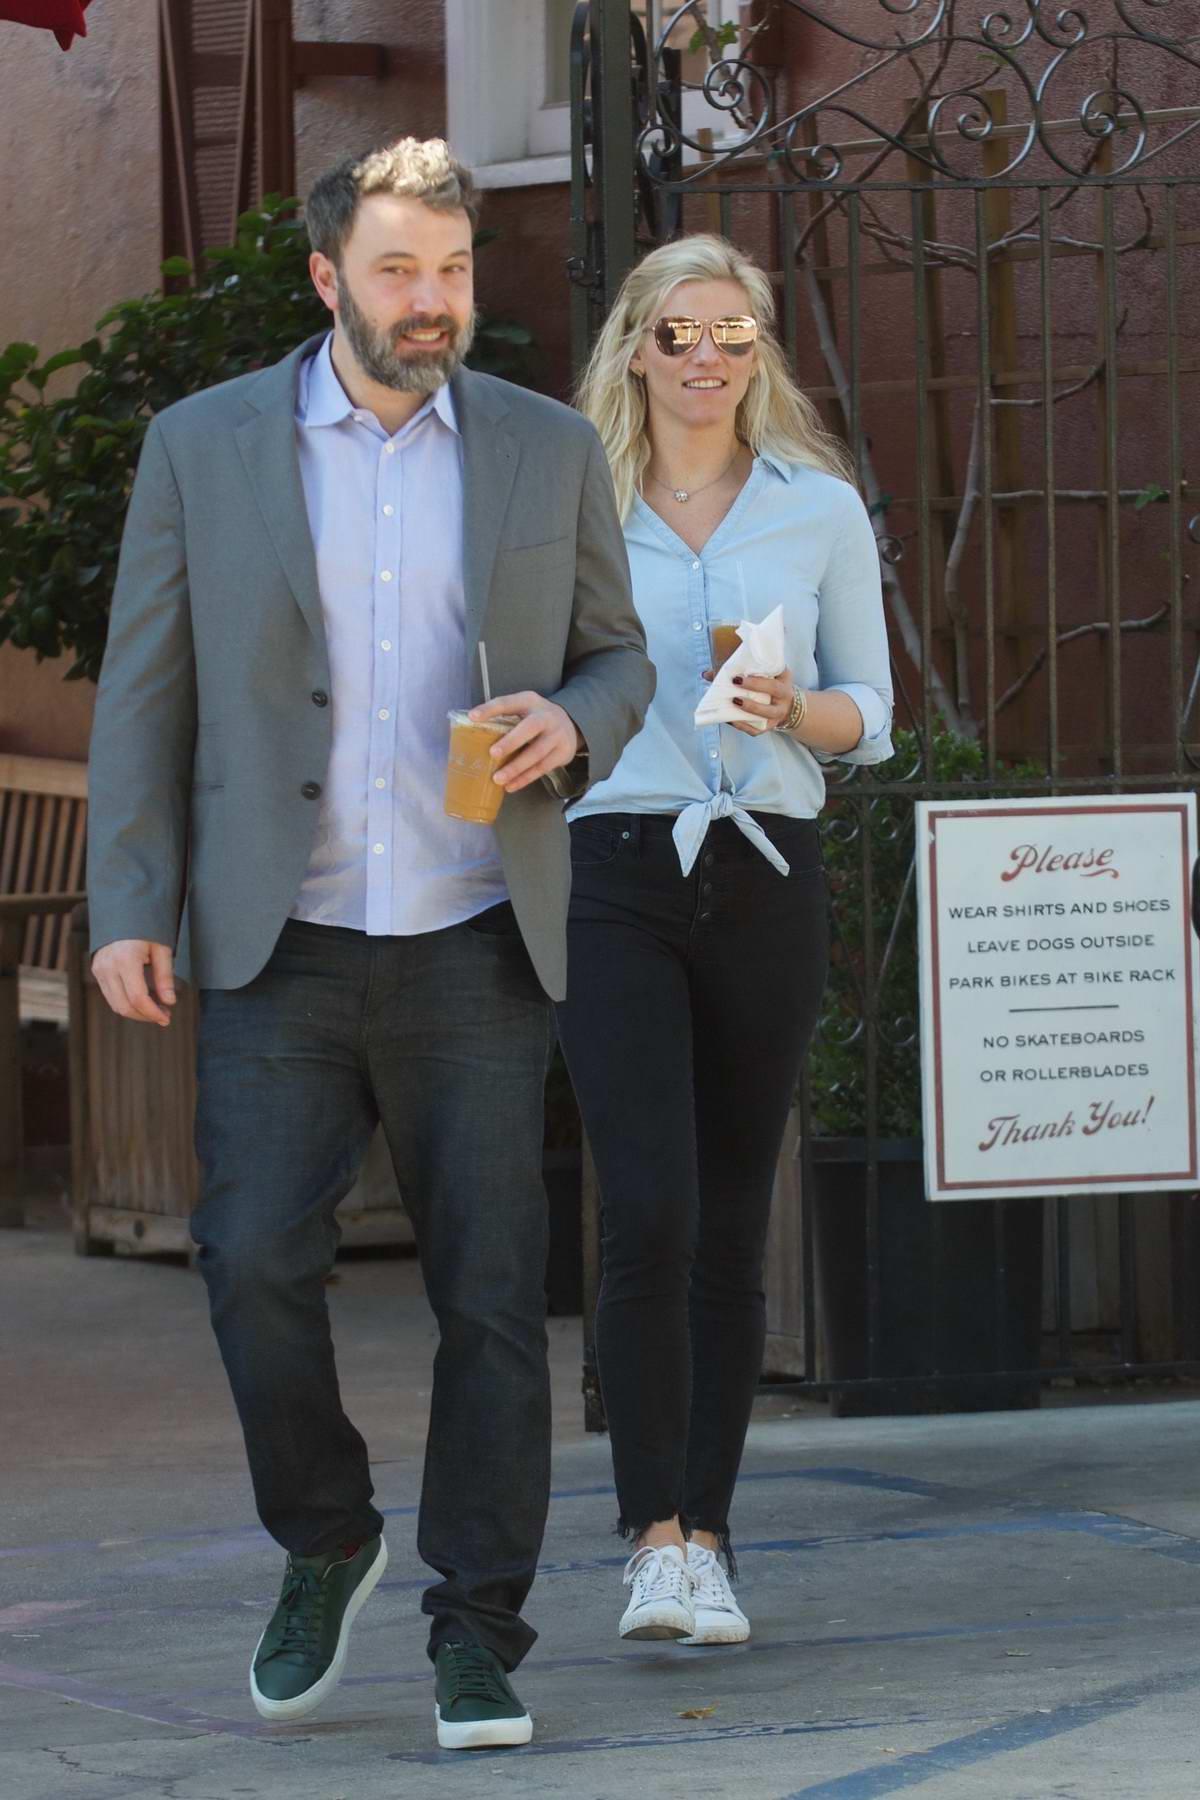 Lindsay Shookus and Ben Affleck grab lunch together in Brentwood, Los Angeles